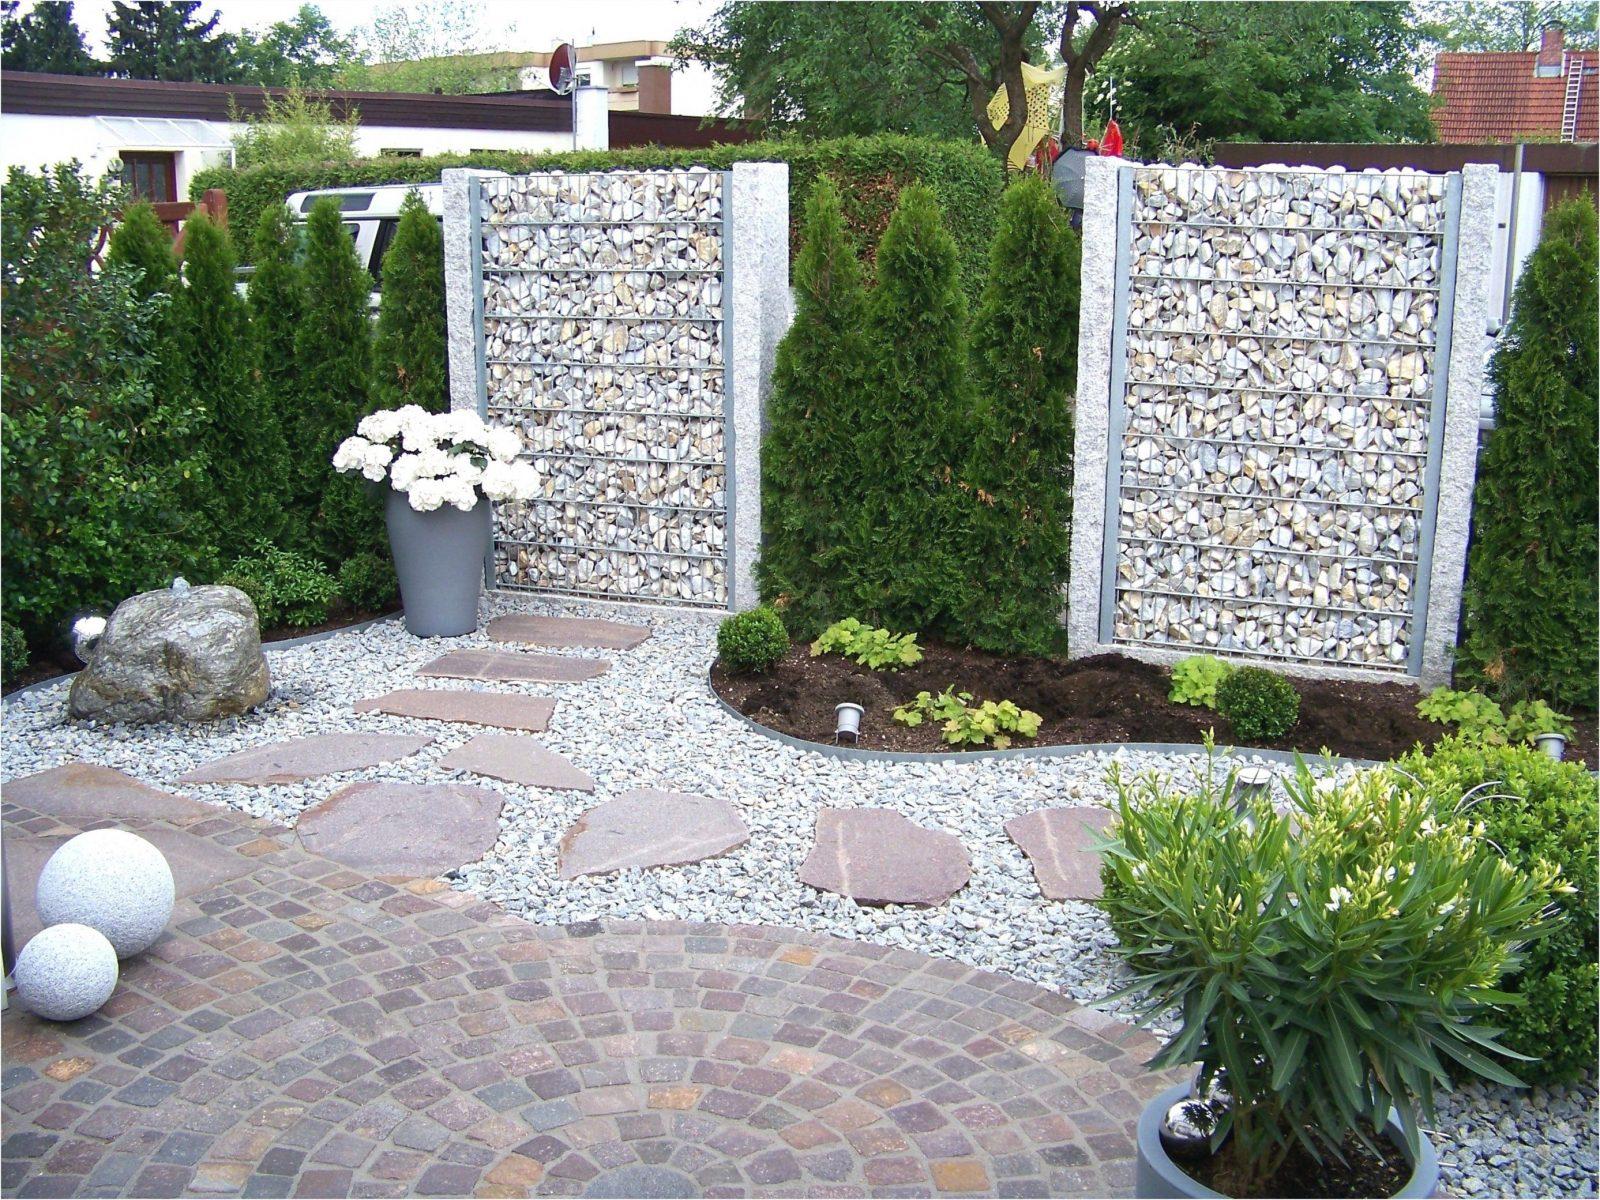 Steine Einfahrt Innenarchitekturka Hles Gartengestaltung Ideen Mit von Gartengestaltung Ideen Mit Steinen Bild